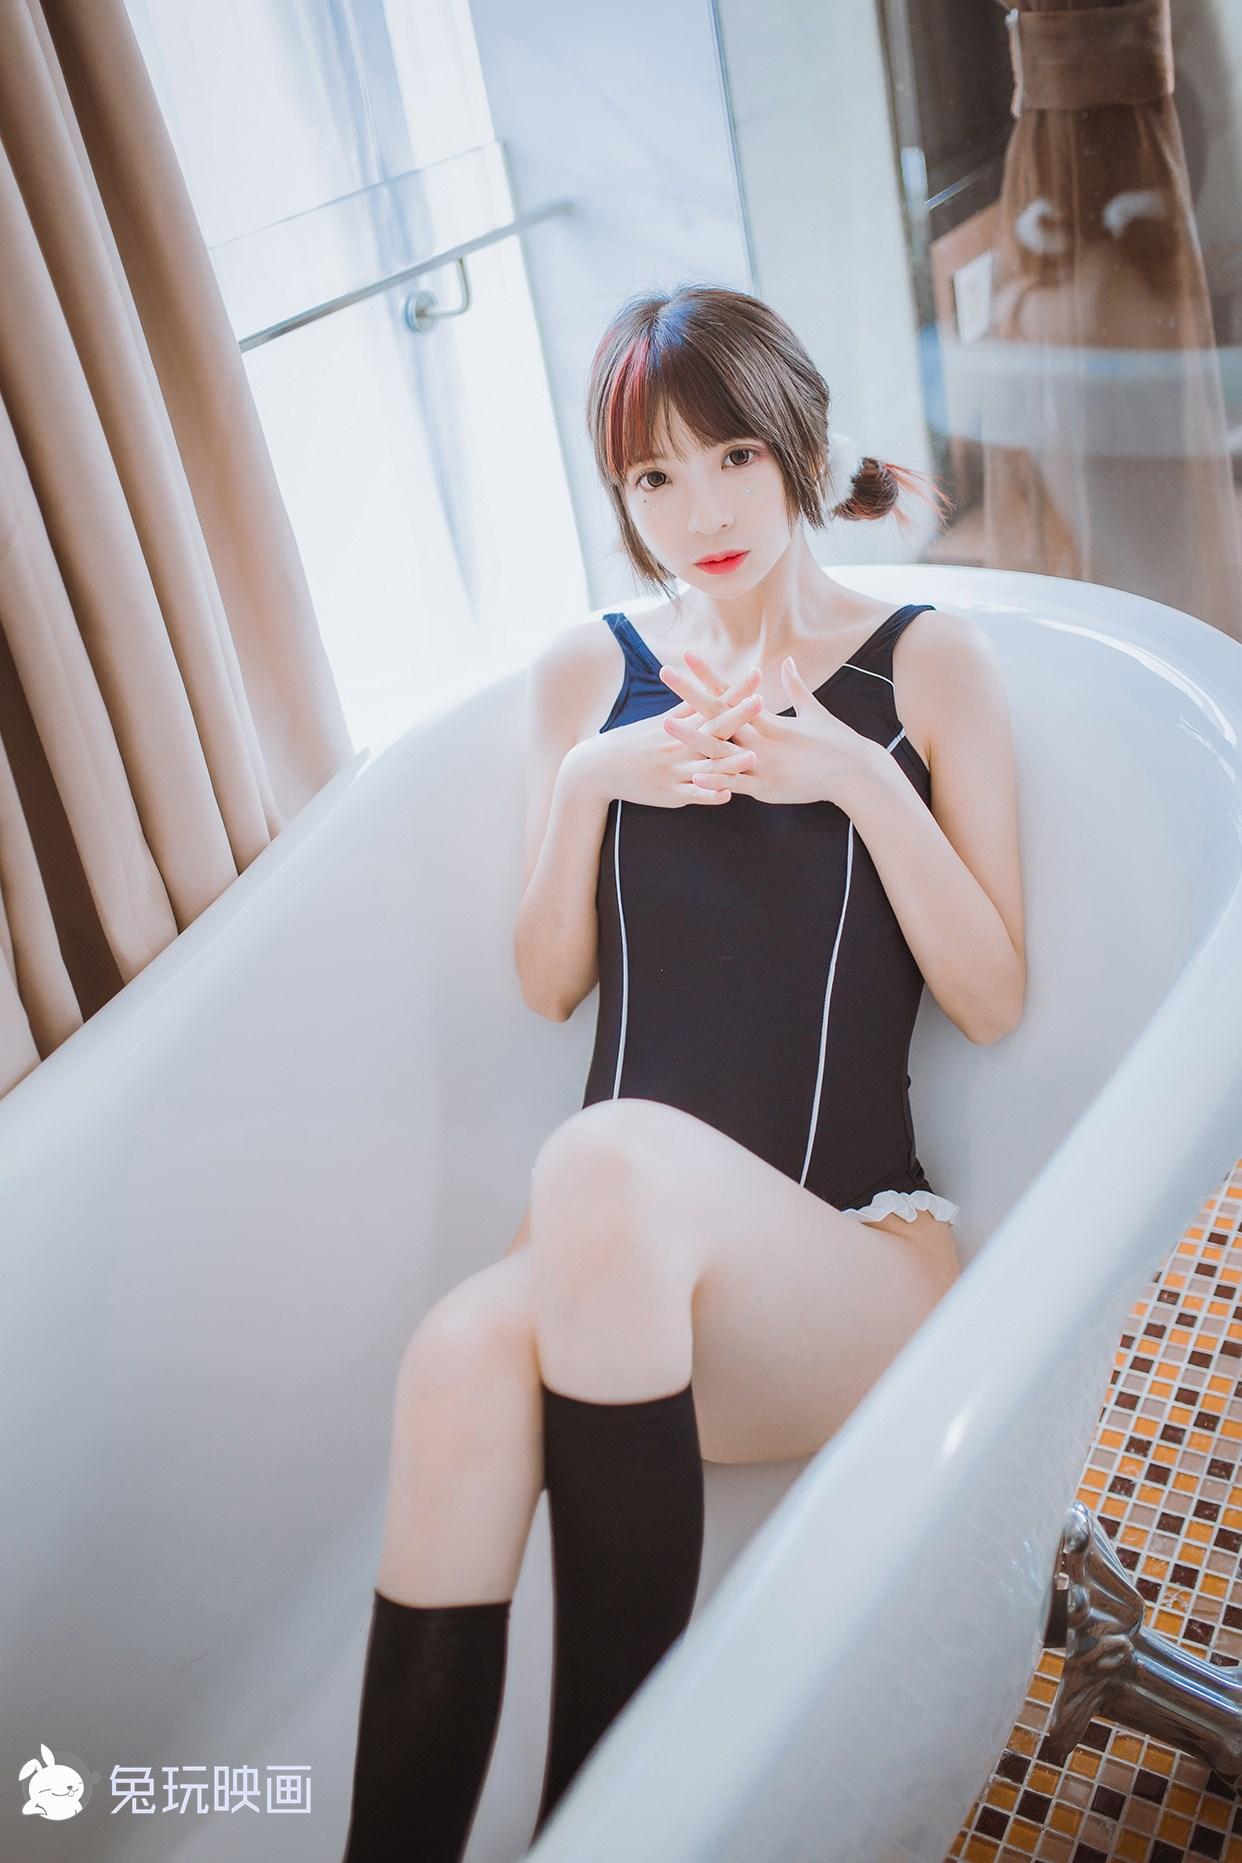 【兔玩映画】vol.04—萌猫娘 兔玩映画 第10张